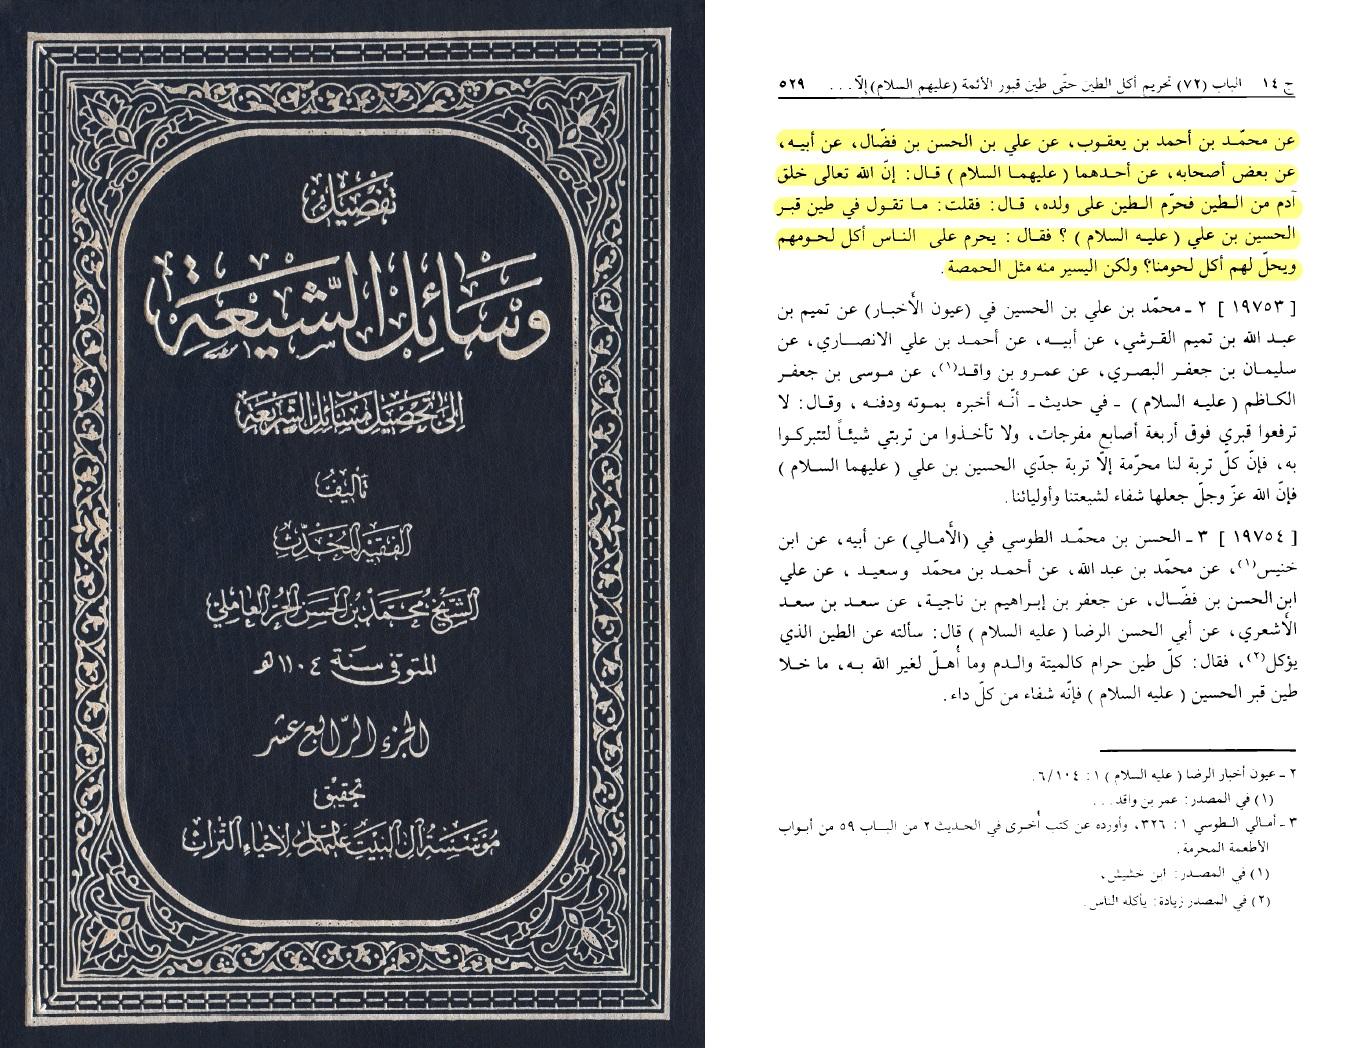 sa7i7-e-wasa2el-band-14-seite-529-hadith-19753